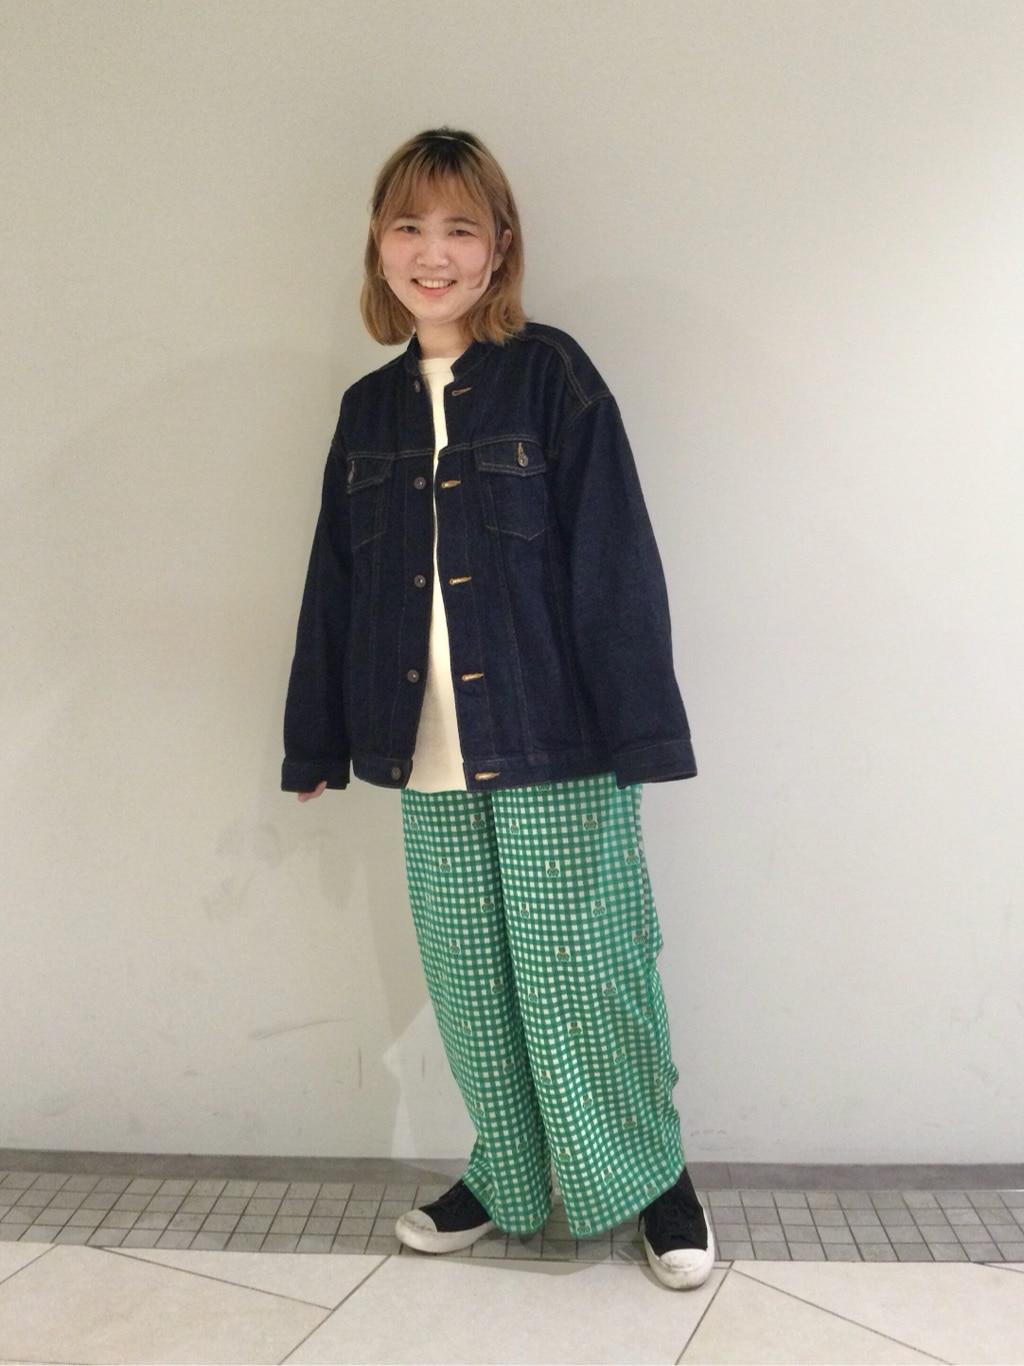 l'atelier du savon 東京スカイツリータウン・ソラマチ 身長:154cm 2021.01.26